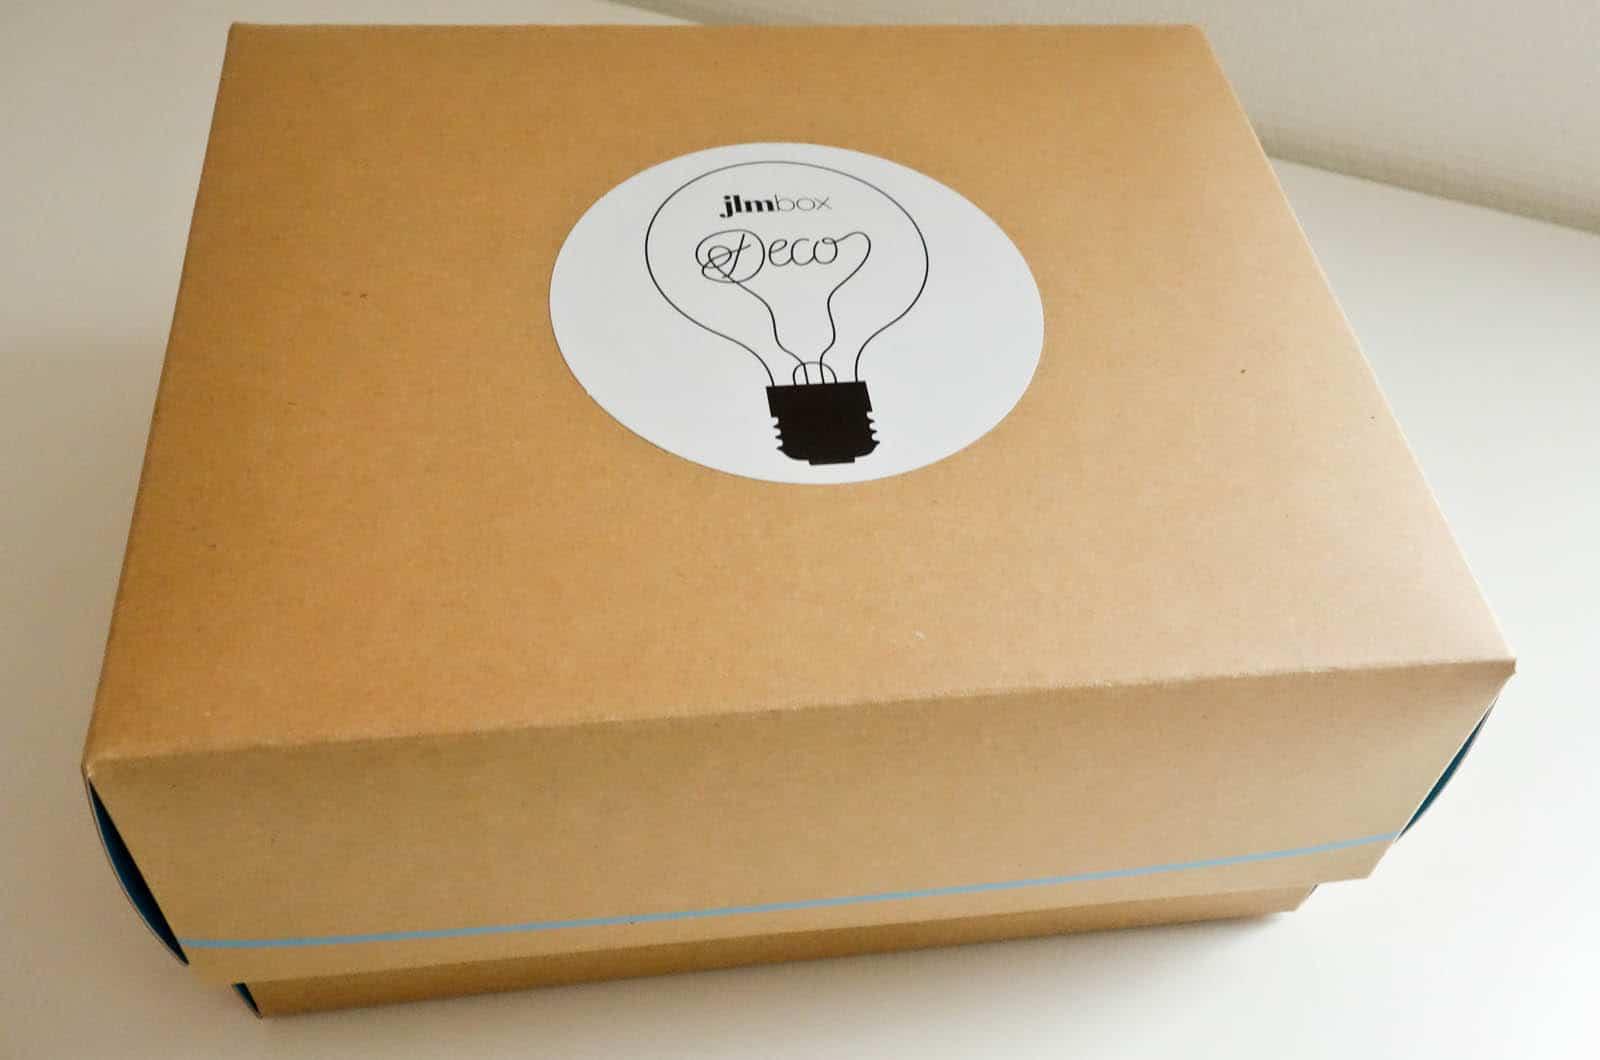 jlm box déco octobre 2015 - toutes les box